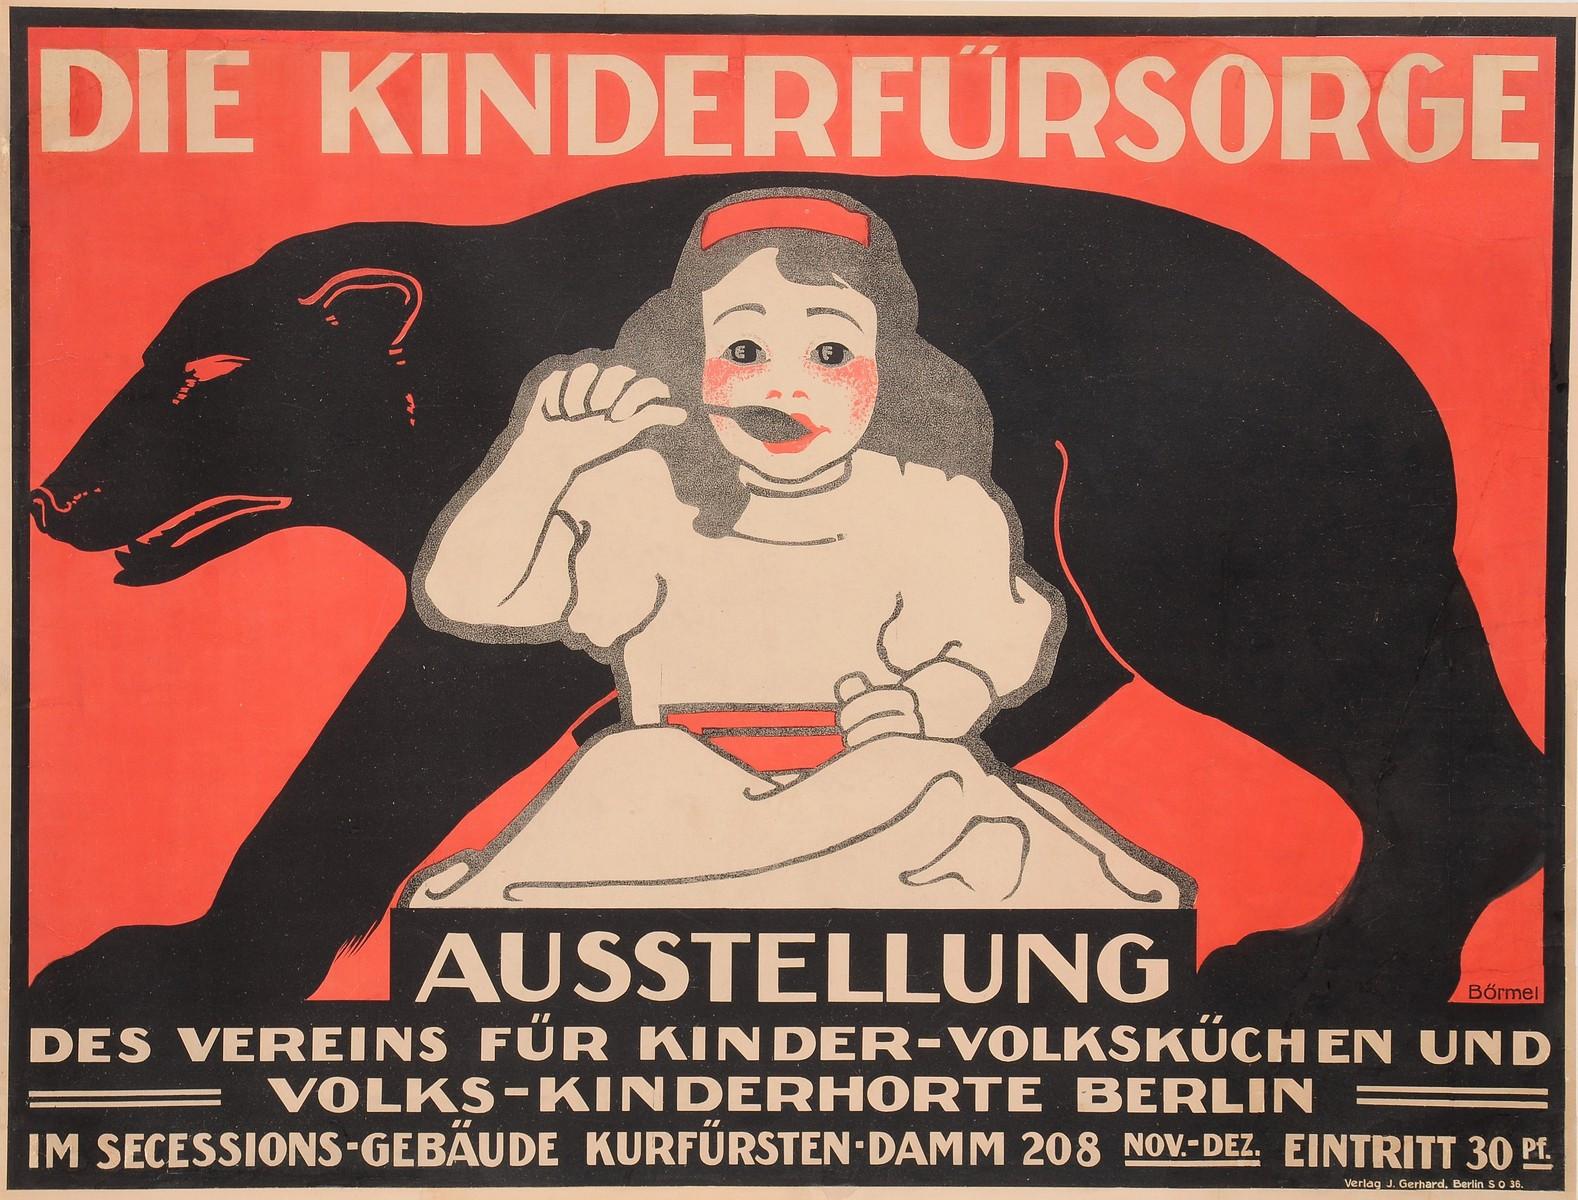 """Original Vintage German Poster for """"Die Kinderfürsorge"""" by Börmel Berlin ca.1900"""